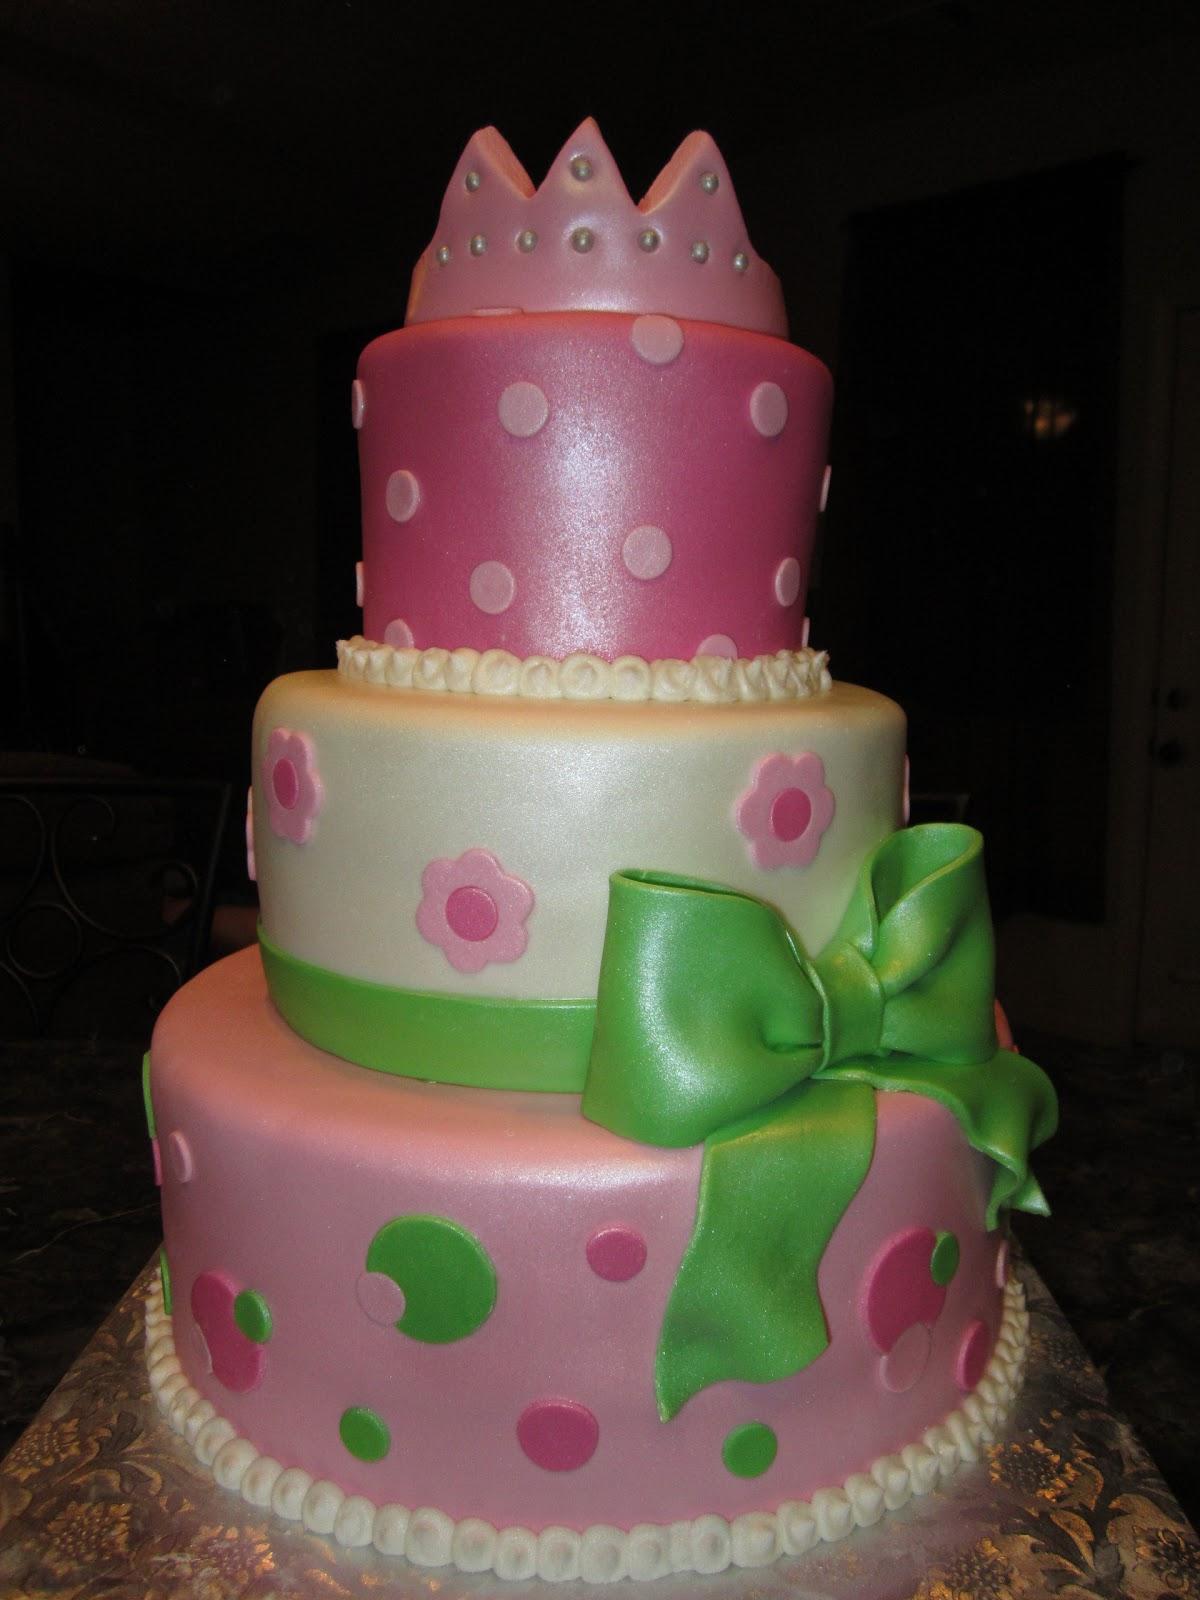 Princess Cake Ideas For Baby Shower : MyMoniCakes: New Little Princess Baby Shower Cake